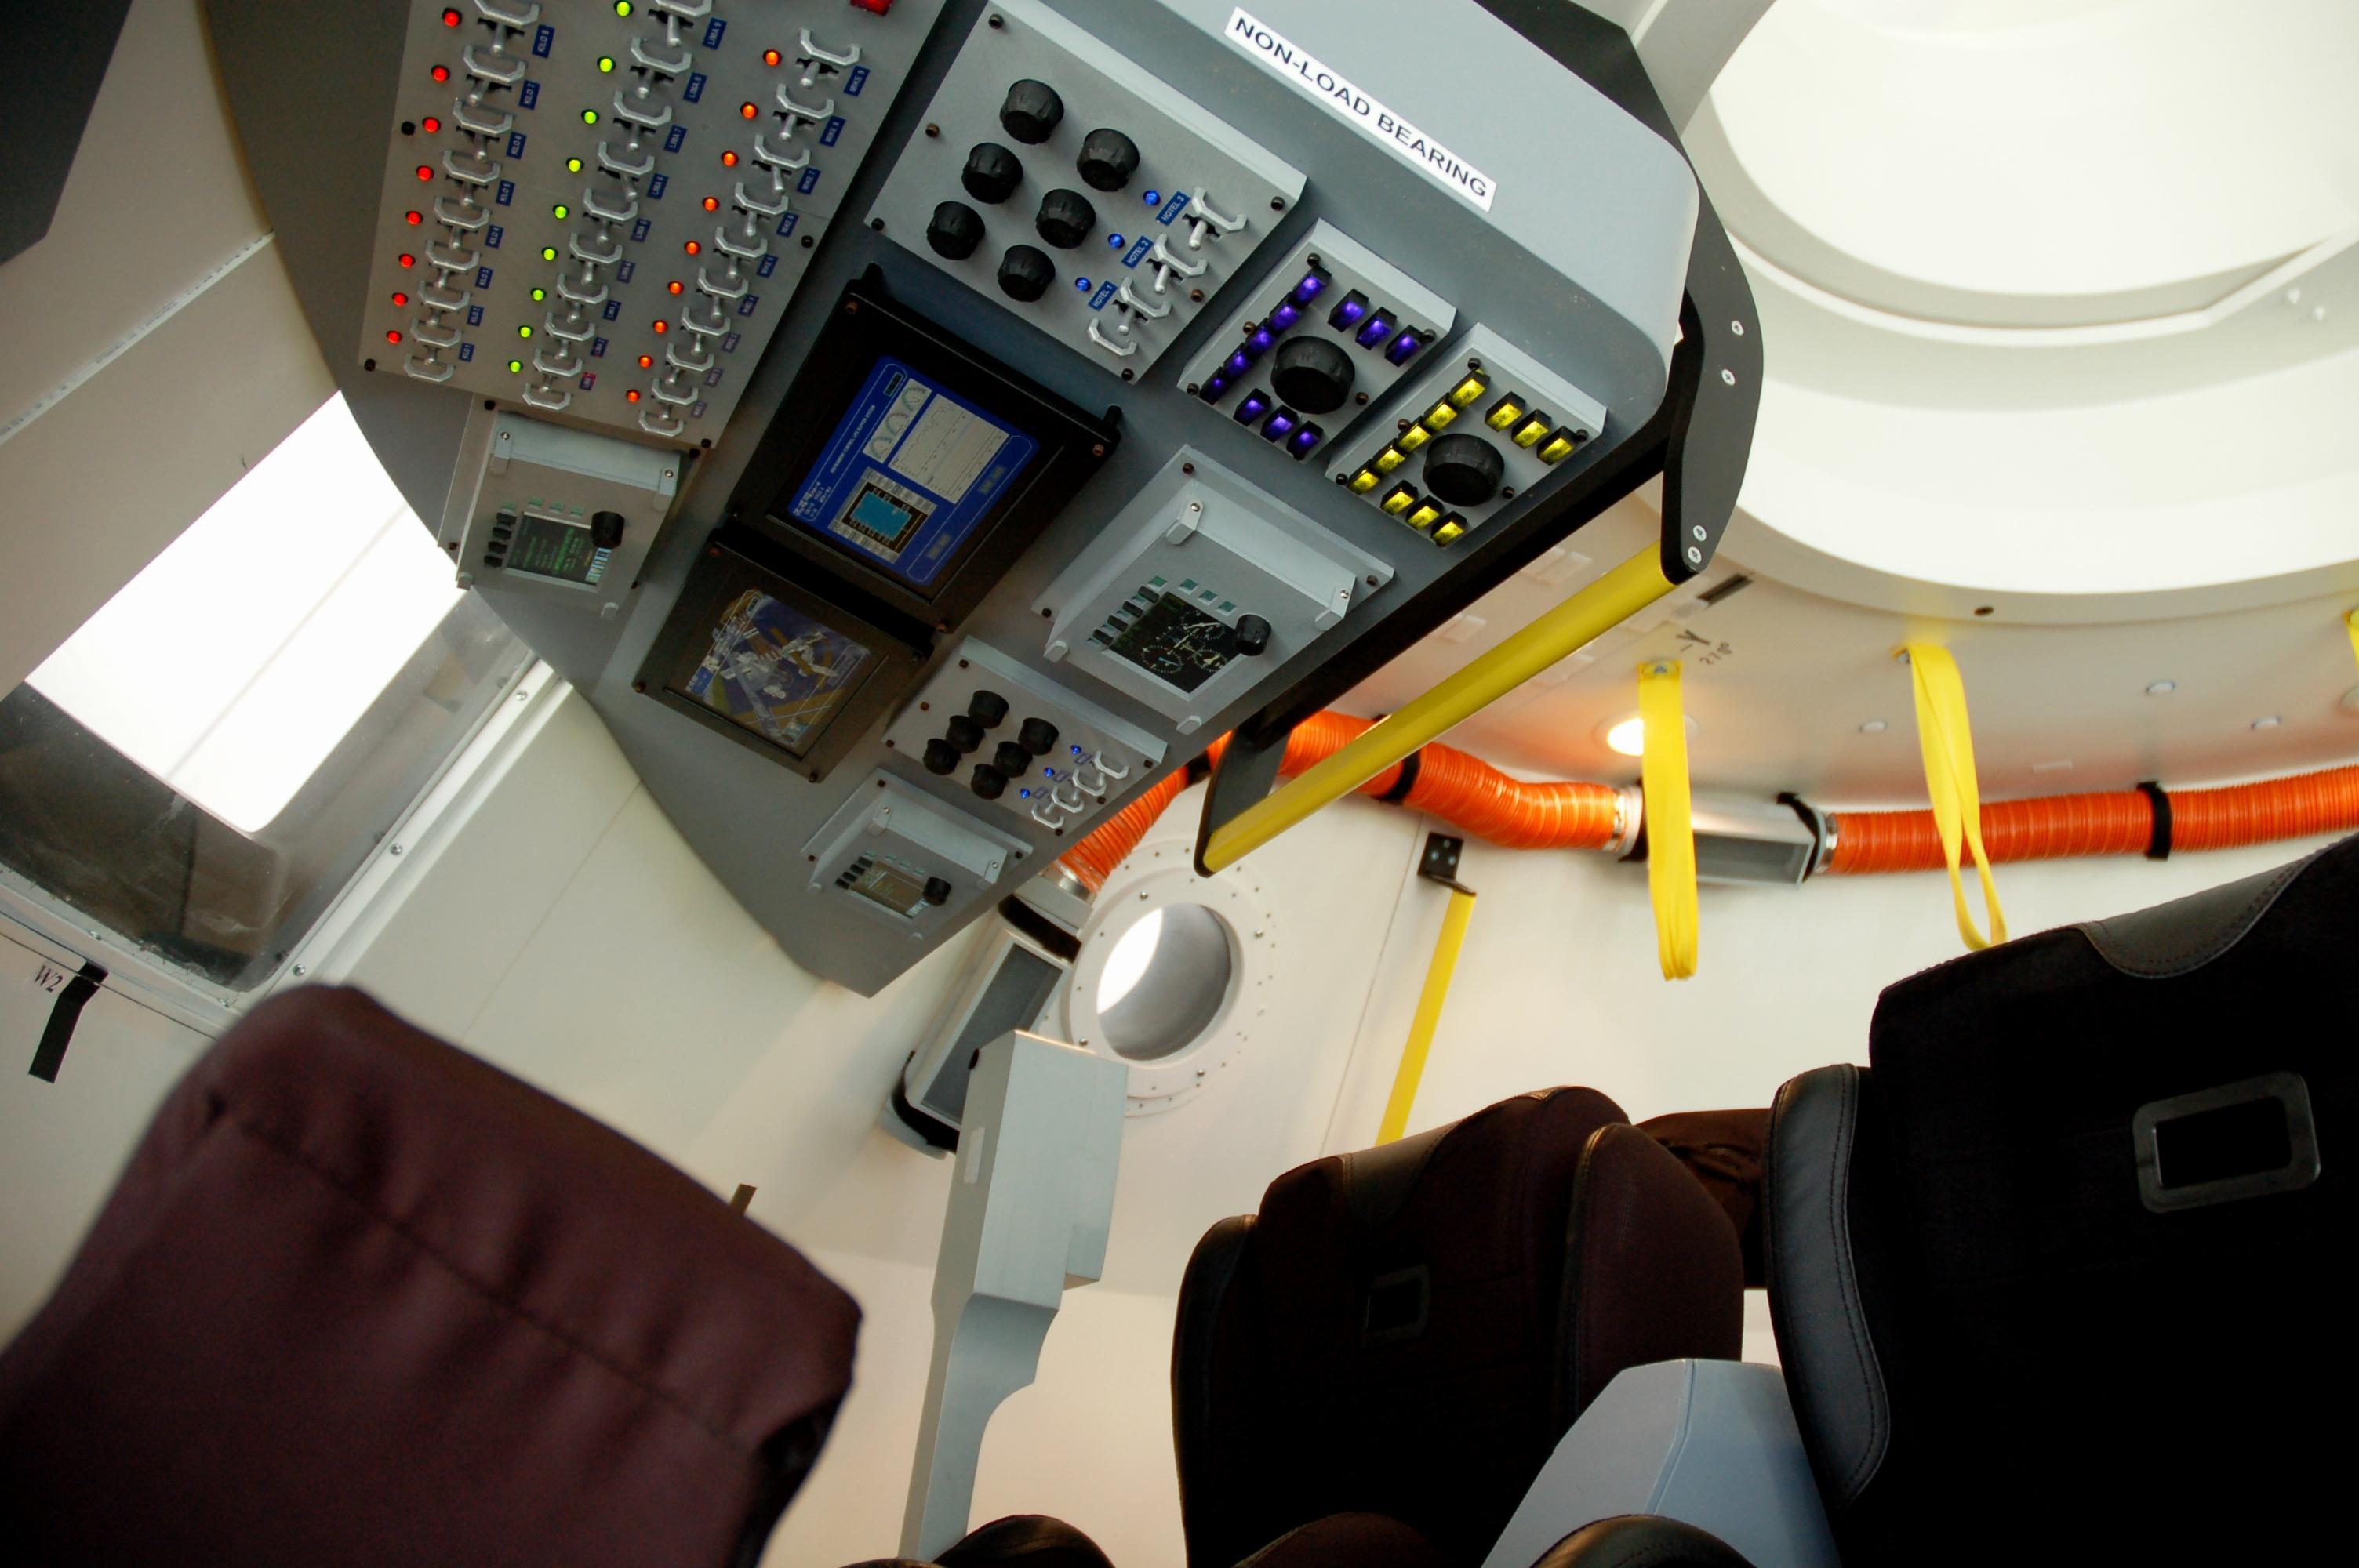 boeing spacecraft cockpits - photo #18